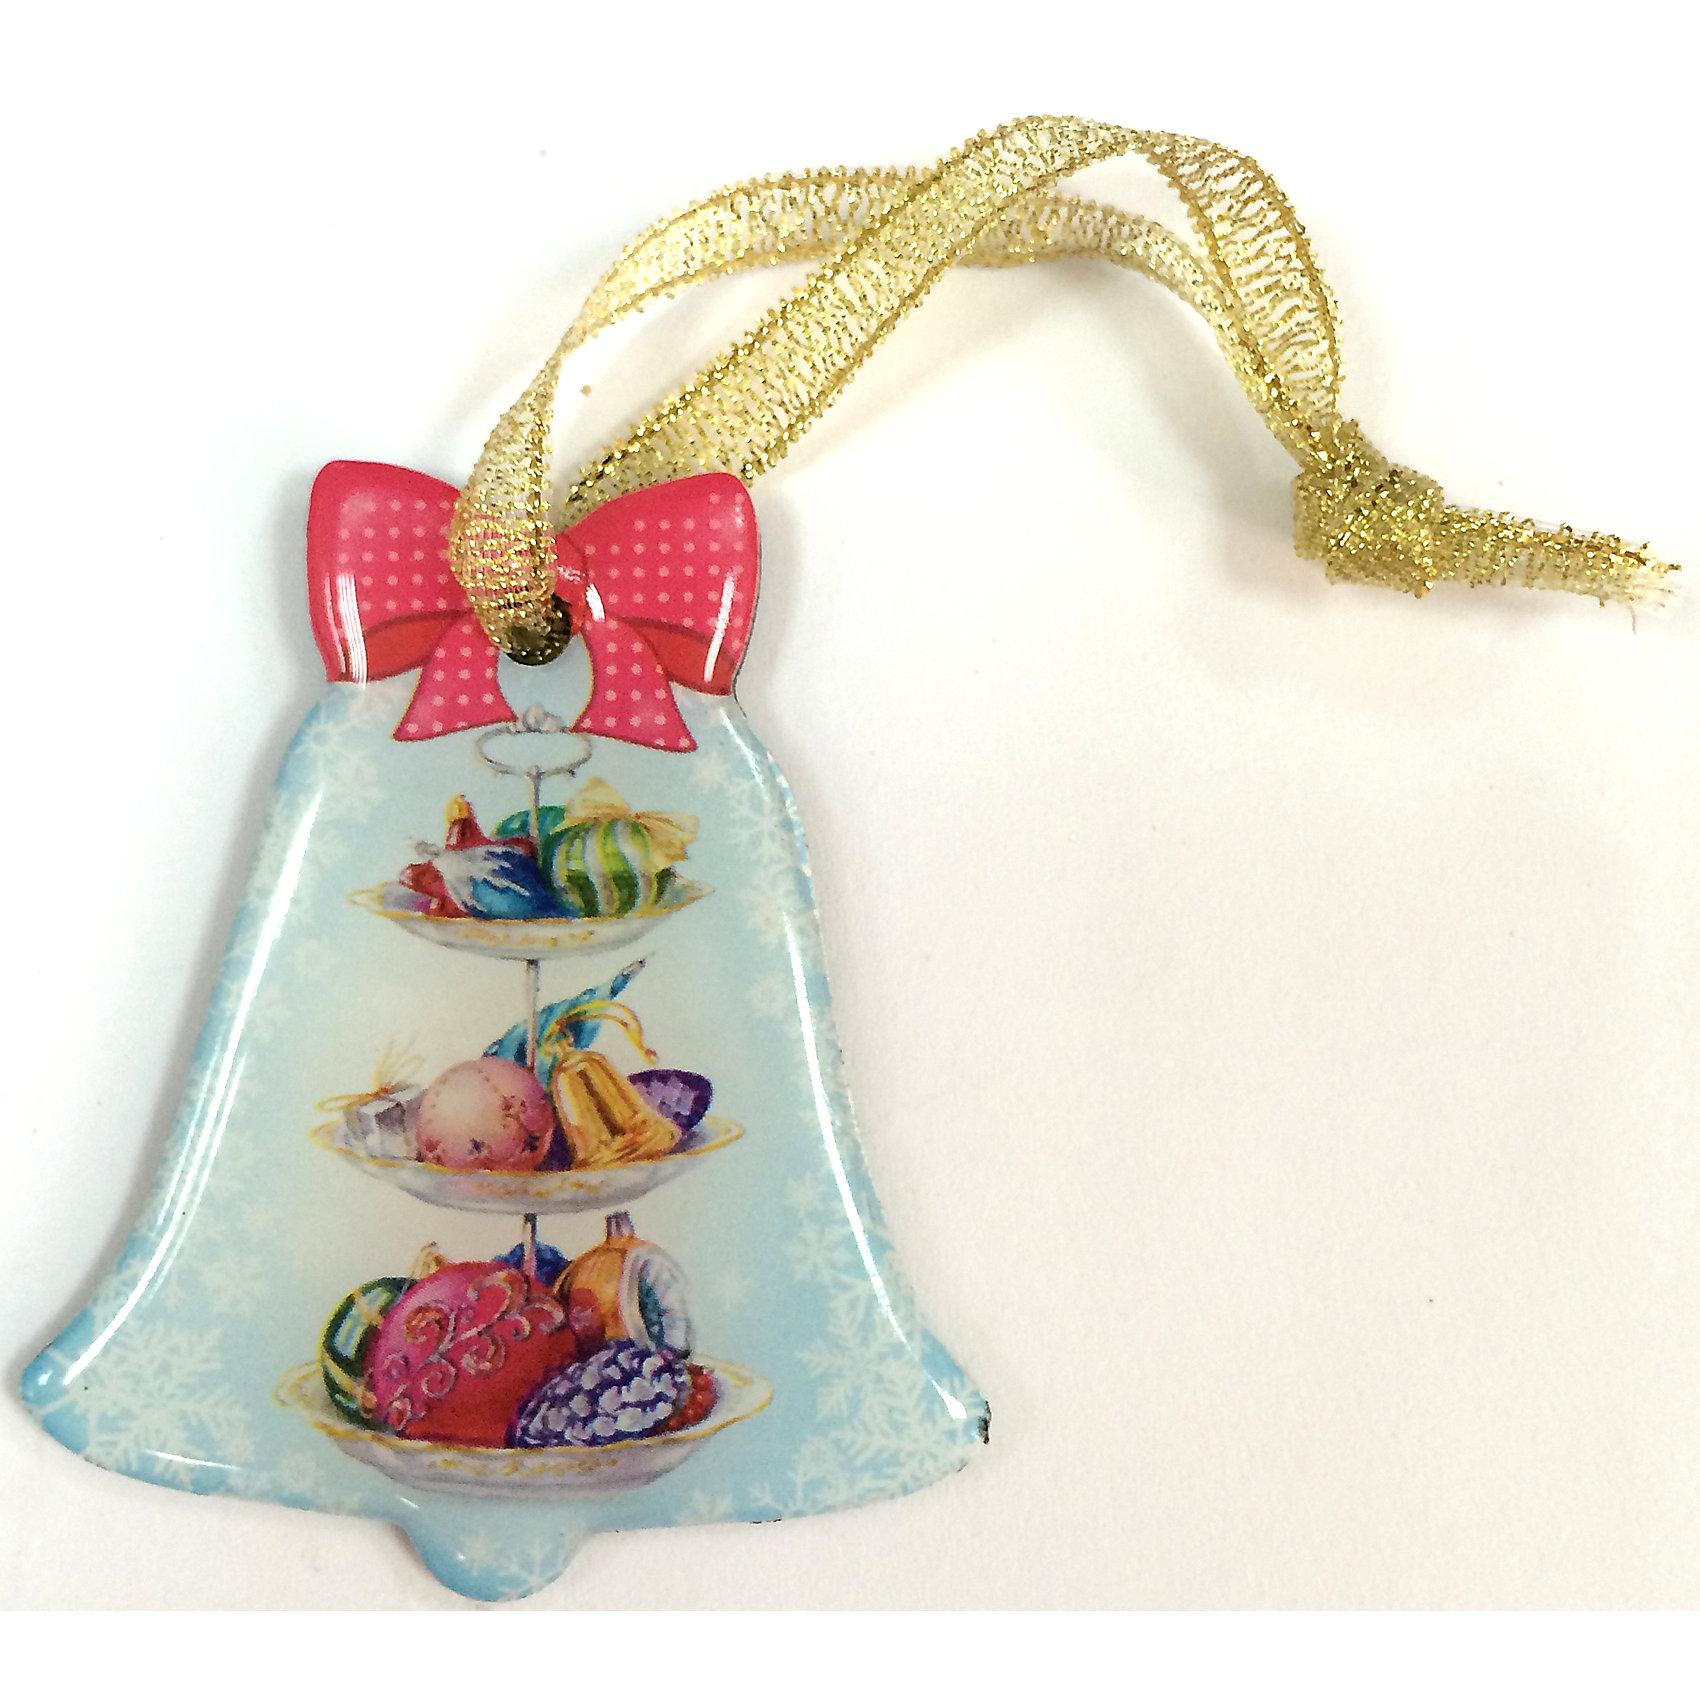 Магнит КолокольчикМагнит Колокольчик, Феникс-Презент, добавит праздничности в Ваш новогодний интерьер и поднимет настроение. Магнит в форме колокольчика с симпатичным бантиком украшен красочными изображениями елочных игрушек. Имеется текстильная петелька, за которую фигурку можно подвесить на елку.  <br><br>Дополнительная информация:<br><br>- Материал магнита: агломерированный феррит.<br>- Размер магнита: 5,1 х 6 см.<br><br>Магнит Колокольчик, Феникс-Презент, можно купить в нашем интернет-магазине.<br><br>Ширина мм: 100<br>Глубина мм: 100<br>Высота мм: 100<br>Вес г: 100<br>Возраст от месяцев: 36<br>Возраст до месяцев: 2147483647<br>Пол: Унисекс<br>Возраст: Детский<br>SKU: 4276546